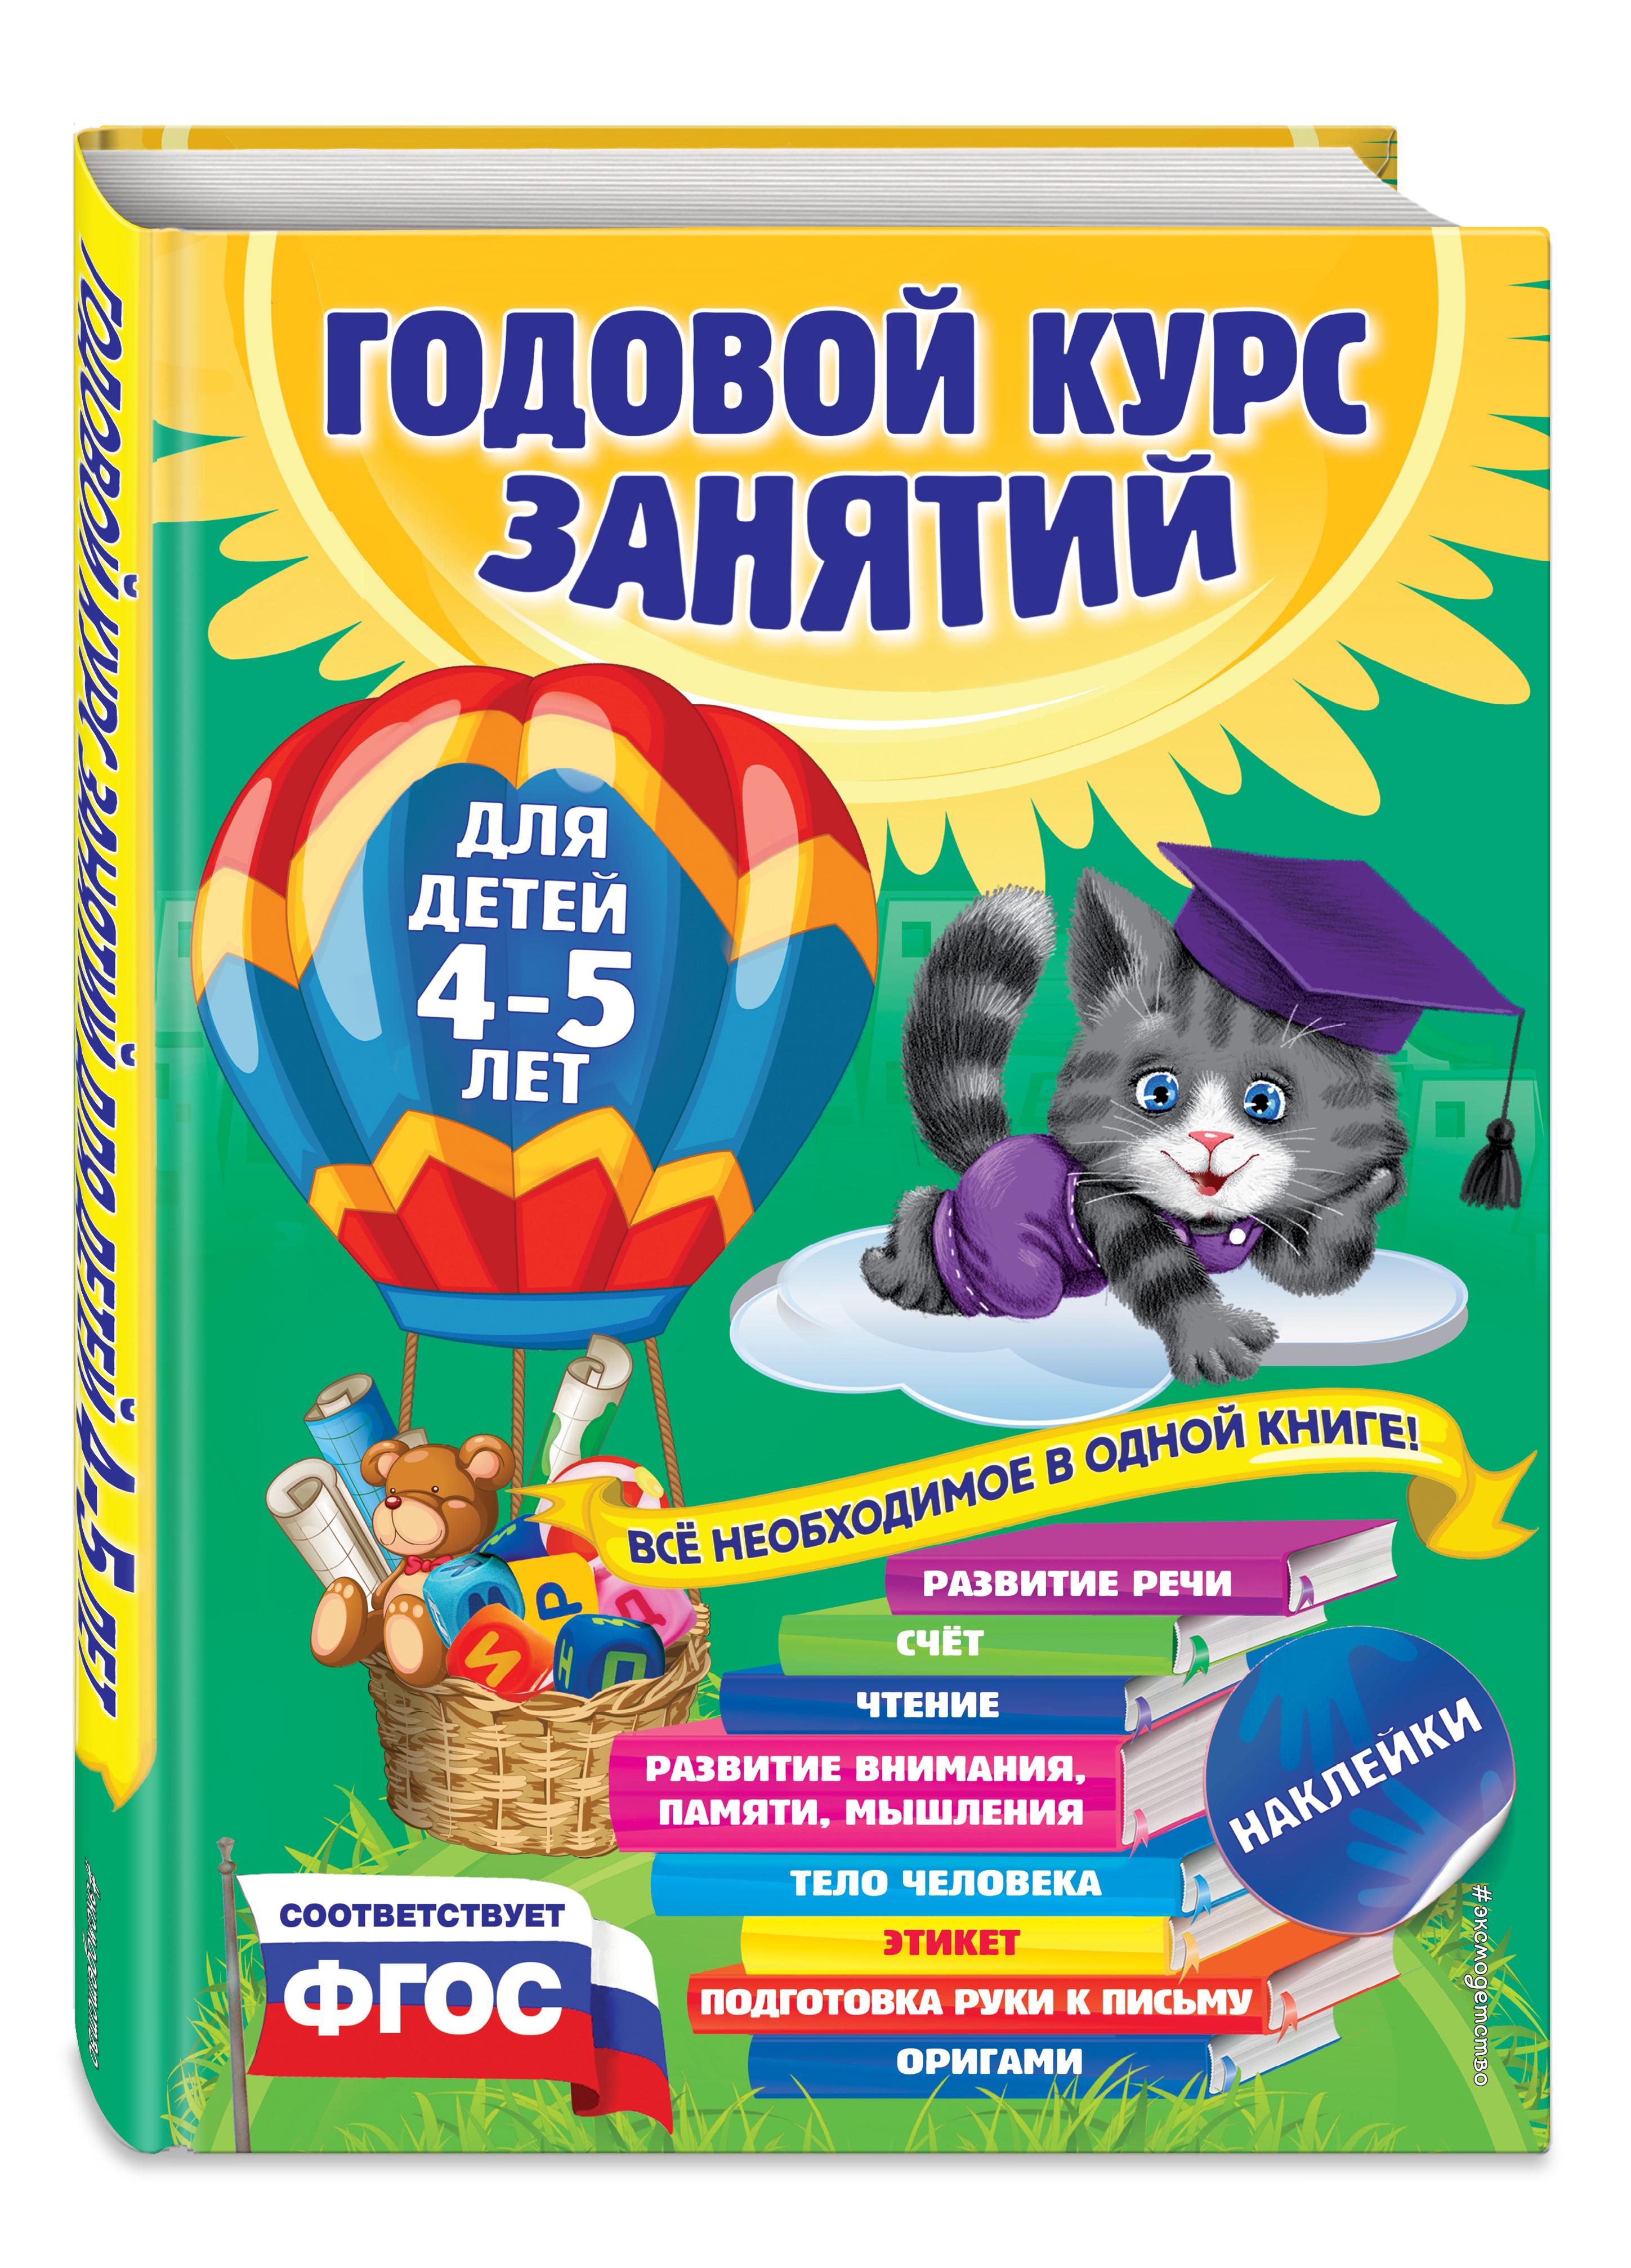 Е. Лазарь, Т. Мазаник, Е. Малевич и др. Годовой курс занятий: для детей 4-5 лет (с наклейками)